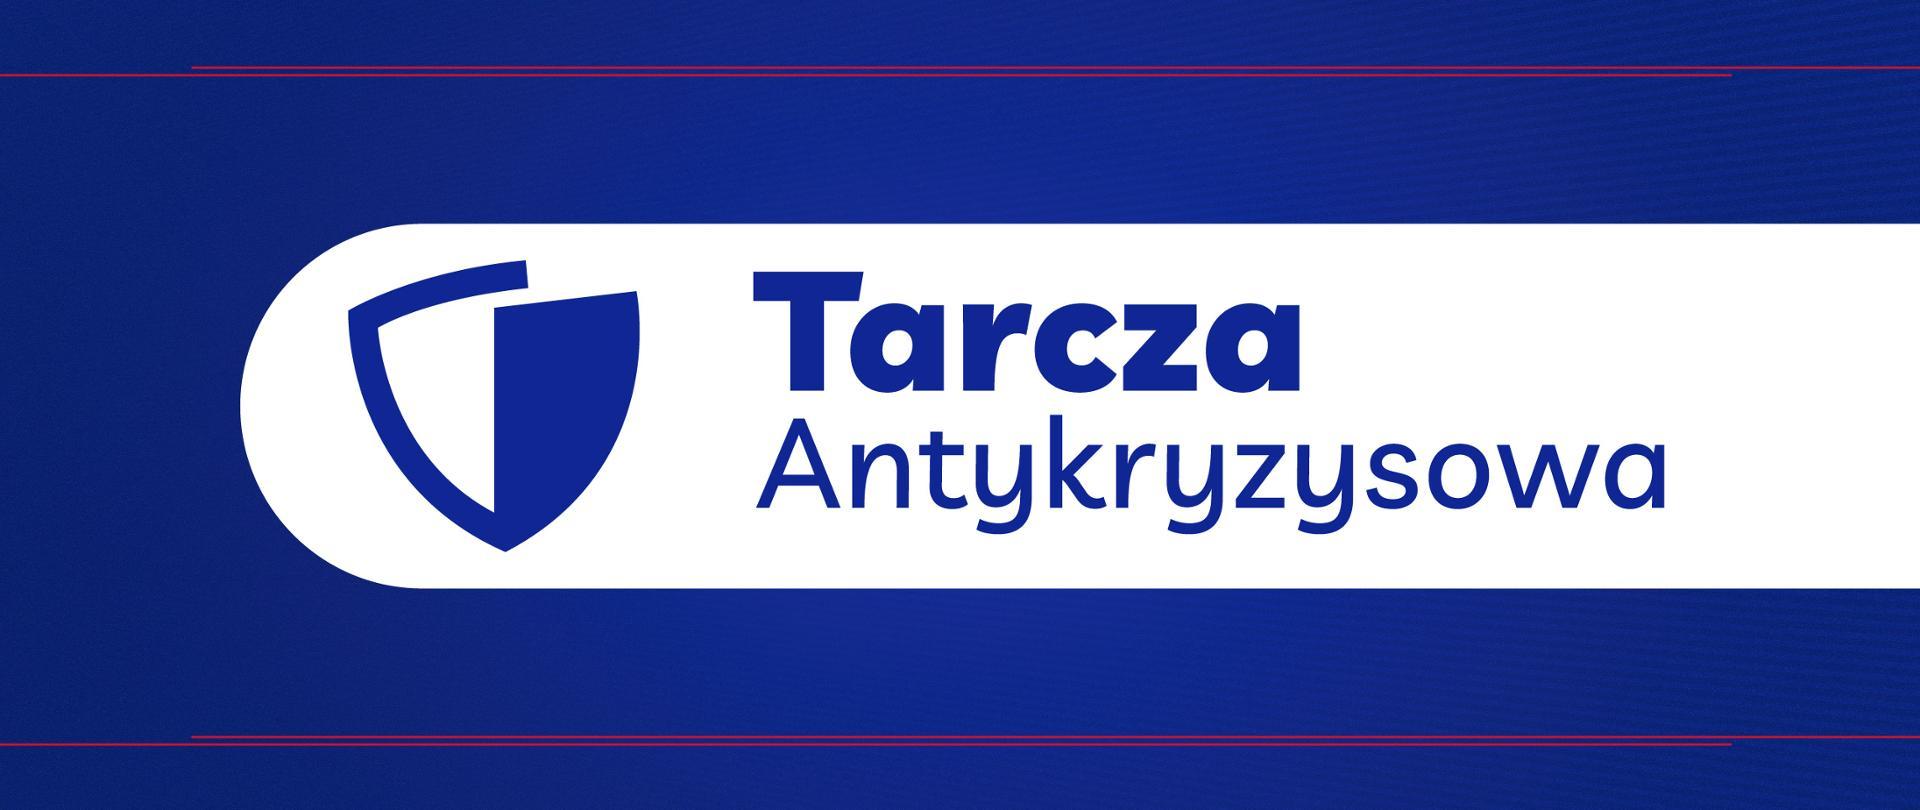 Zmiany terminów w ramach tarczy antykryzysowej Ministerstwa Finansów